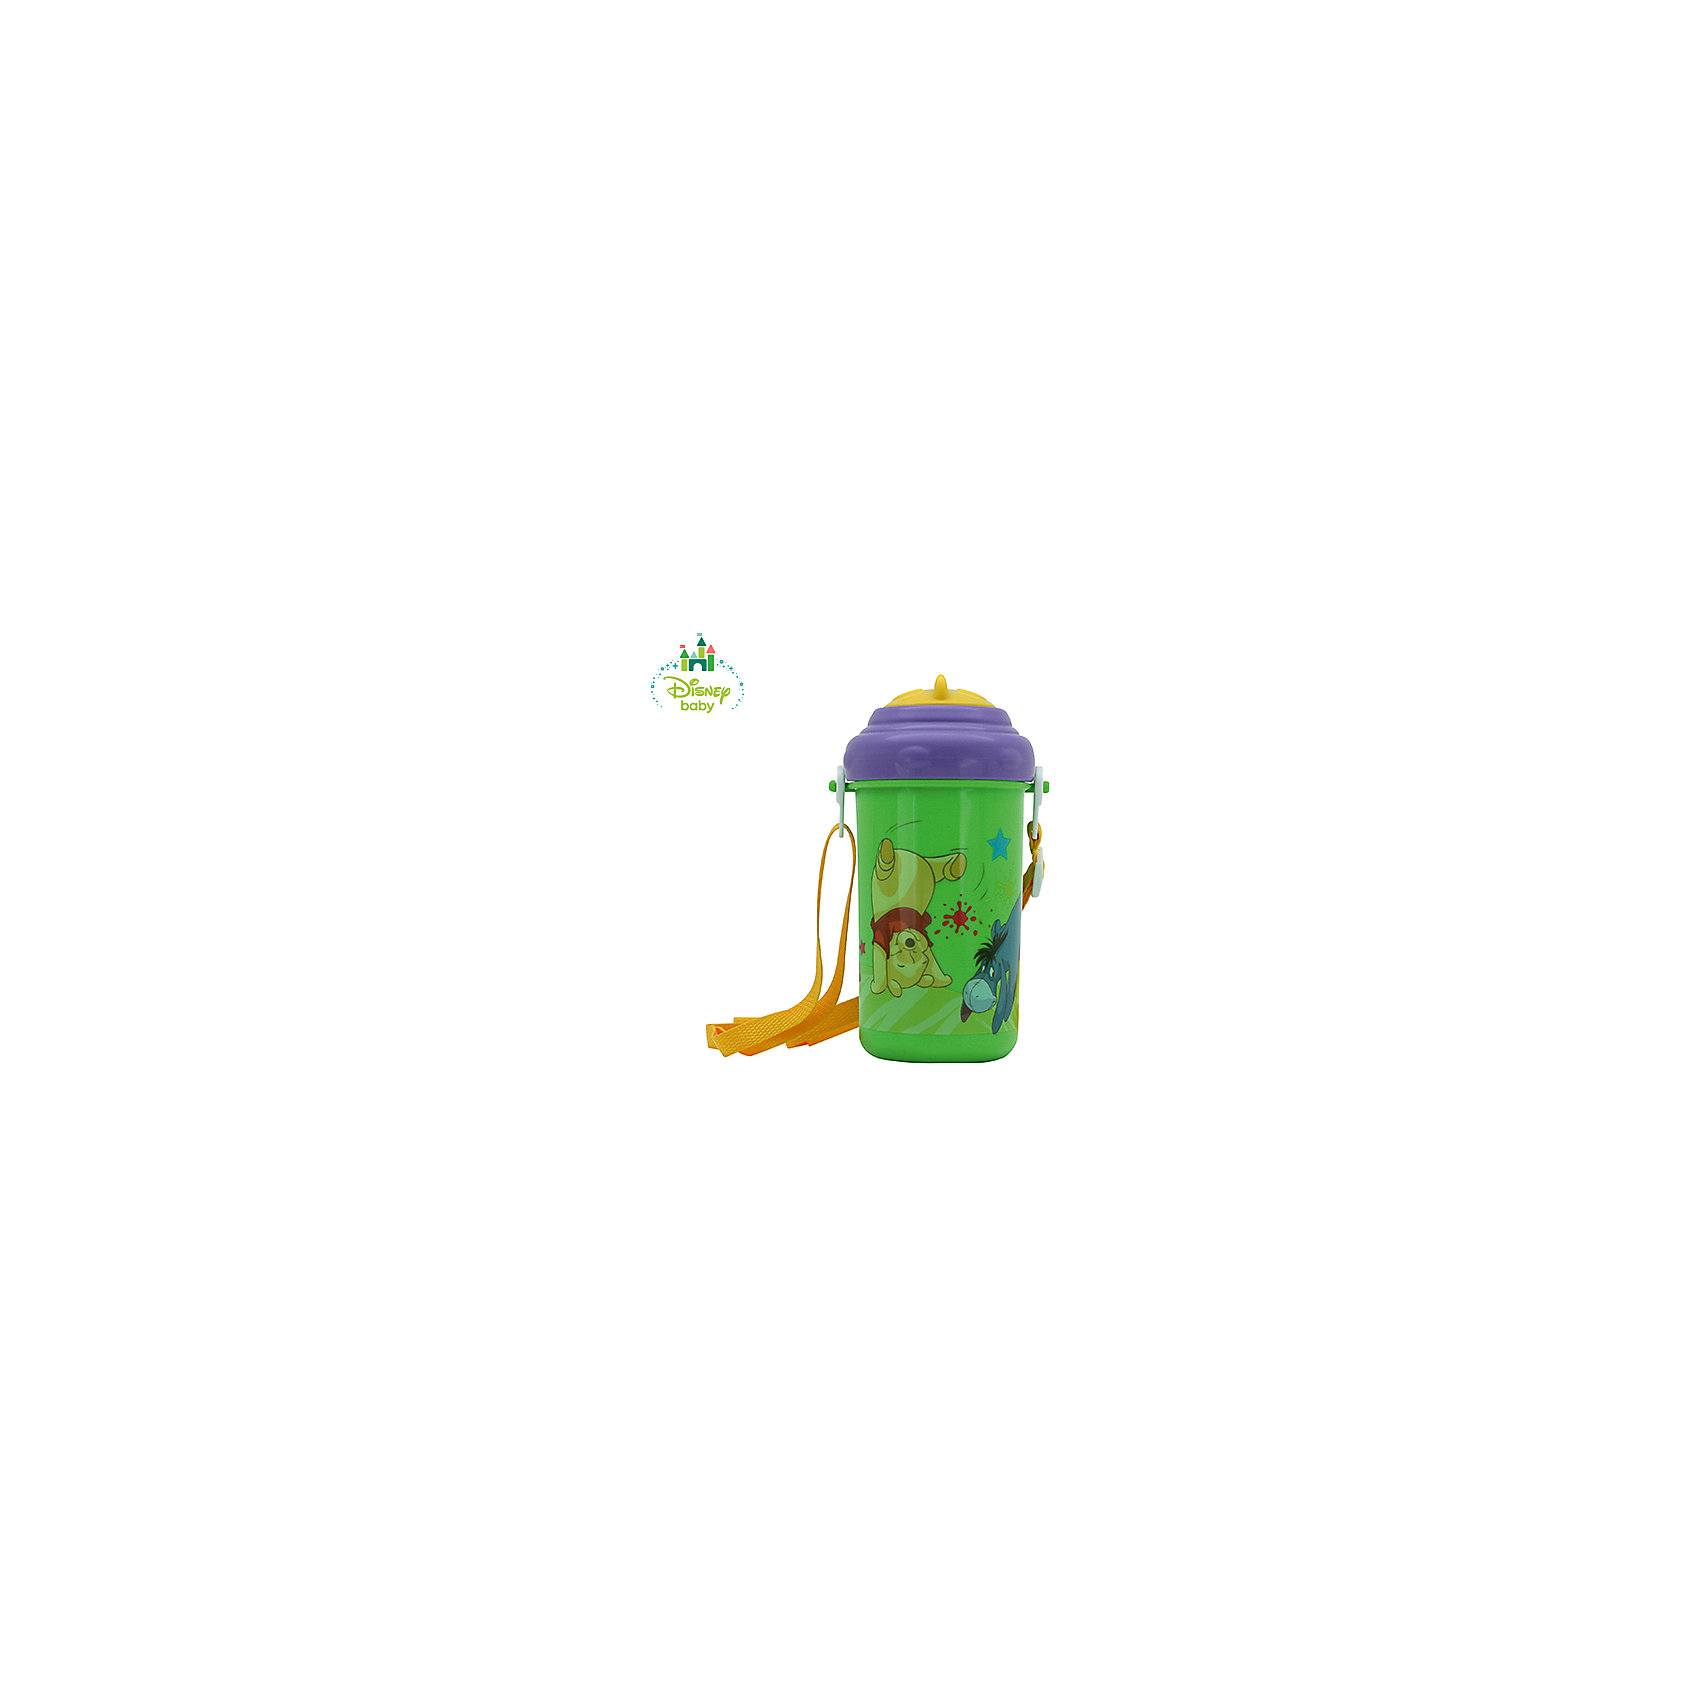 Поильник Медвежонок Винни DISNEY от 6 мес., 360 мл. с трубочкой и ремешком, LUBBY, зеленПоильники<br>Поильник Винни и Ослик DISNEY от 6 мес., 360 мл., LUBBY, зеленый/фиолетовый.<br><br>Характеристики:<br><br>- Объем: 360 мл.<br>- Цвет: зеленый, фиолетовый<br>- Материал поильника: полипропилен<br>- Материал трубочки: силикон<br>- Размер упаковки: 90x160x80 мм.<br>- Срок службы: 1 год<br>- Уход: Перед первым использованием необходимо прокипятить изделие в течение 5 минут. В дальнейшем перед каждым использованием поильник необходимо мыть теплой водой с мылом, тщательно ополаскивать. Можно мыть в посудомоечной машине<br><br>Поильник с трубочкой Винни и Ослик предназначен для малышей, которые еще не умеют пить из чашки. Поильник оснащен сдвигаемой крышечкой, которая предохраняет трубочку от загрязнений. Специальная форма поильника позволяет предотвратить проливание жидкости, если он упал, или перевернулся. Входящий в комплект ремешок позволит легко носить поильник, как маме, так и ребенку. Яркий дизайн поильника с изображением медвежонка Винни и его друга Ослика, героев диснеевского мультсериала, привлечет внимание малыша. Поильник изготовлен из прочного полипропилена, безопасен для ребенка.<br><br>Поильник Винни и Ослик DISNEY от 6 мес., 360 мл., LUBBY, зеленый/фиолетовый можно купить в нашем интернет-магазине.<br><br>Ширина мм: 90<br>Глубина мм: 160<br>Высота мм: 80<br>Вес г: 350<br>Возраст от месяцев: 6<br>Возраст до месяцев: 36<br>Пол: Унисекс<br>Возраст: Детский<br>SKU: 5039273